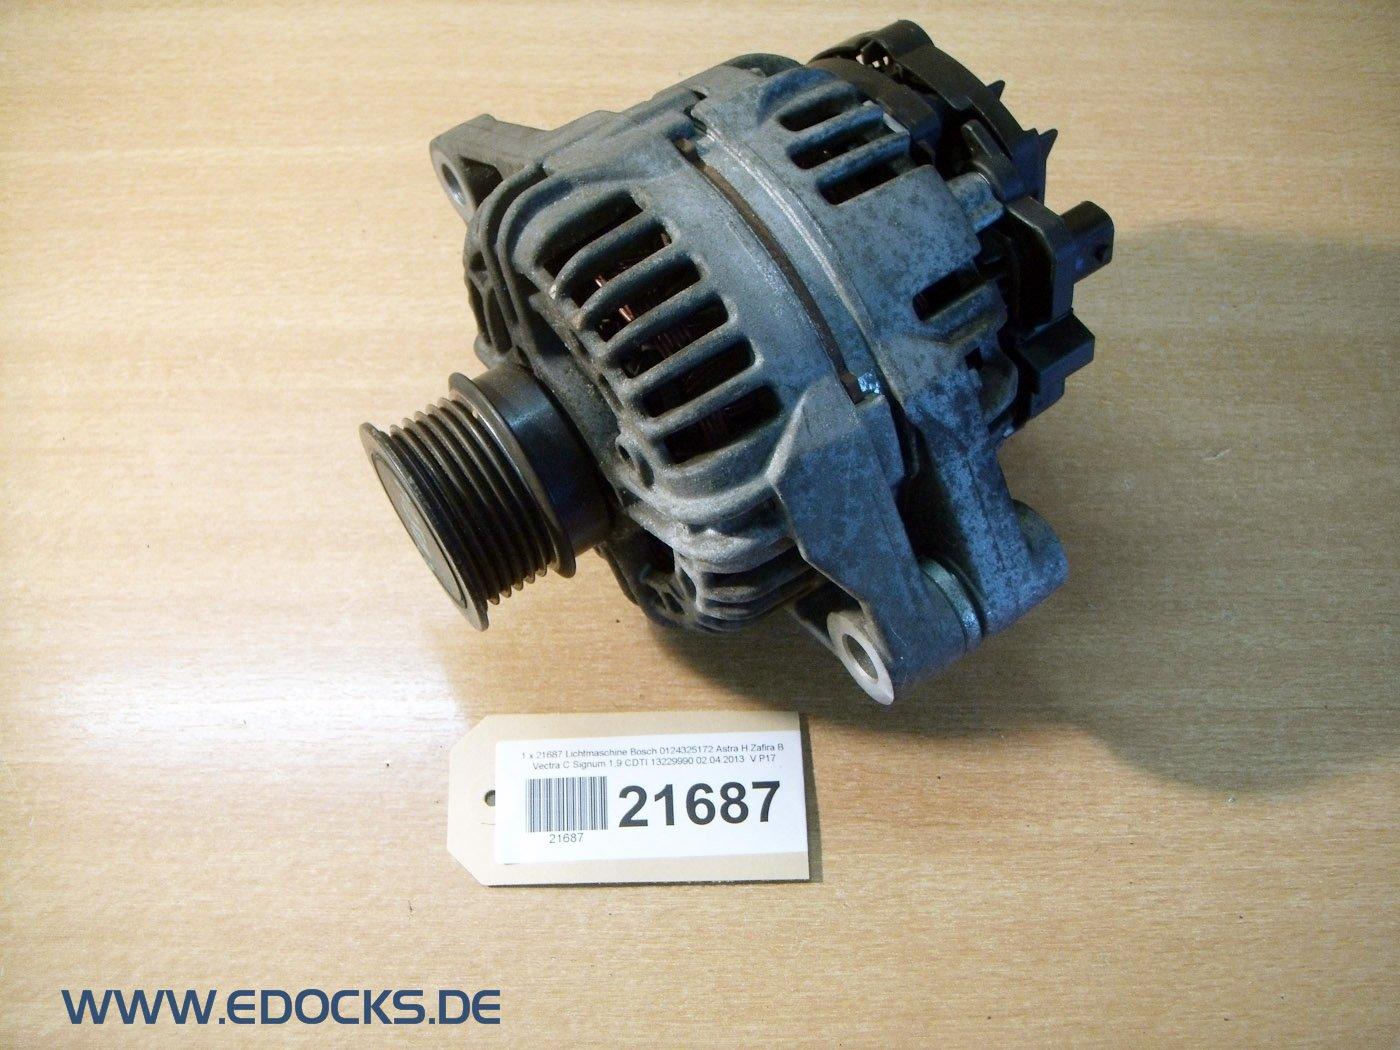 Siemens VDO Medidor de flujo de aire 5WK 9606Z 5WK9606 OEM Hecho en Alemania 5WK 9641